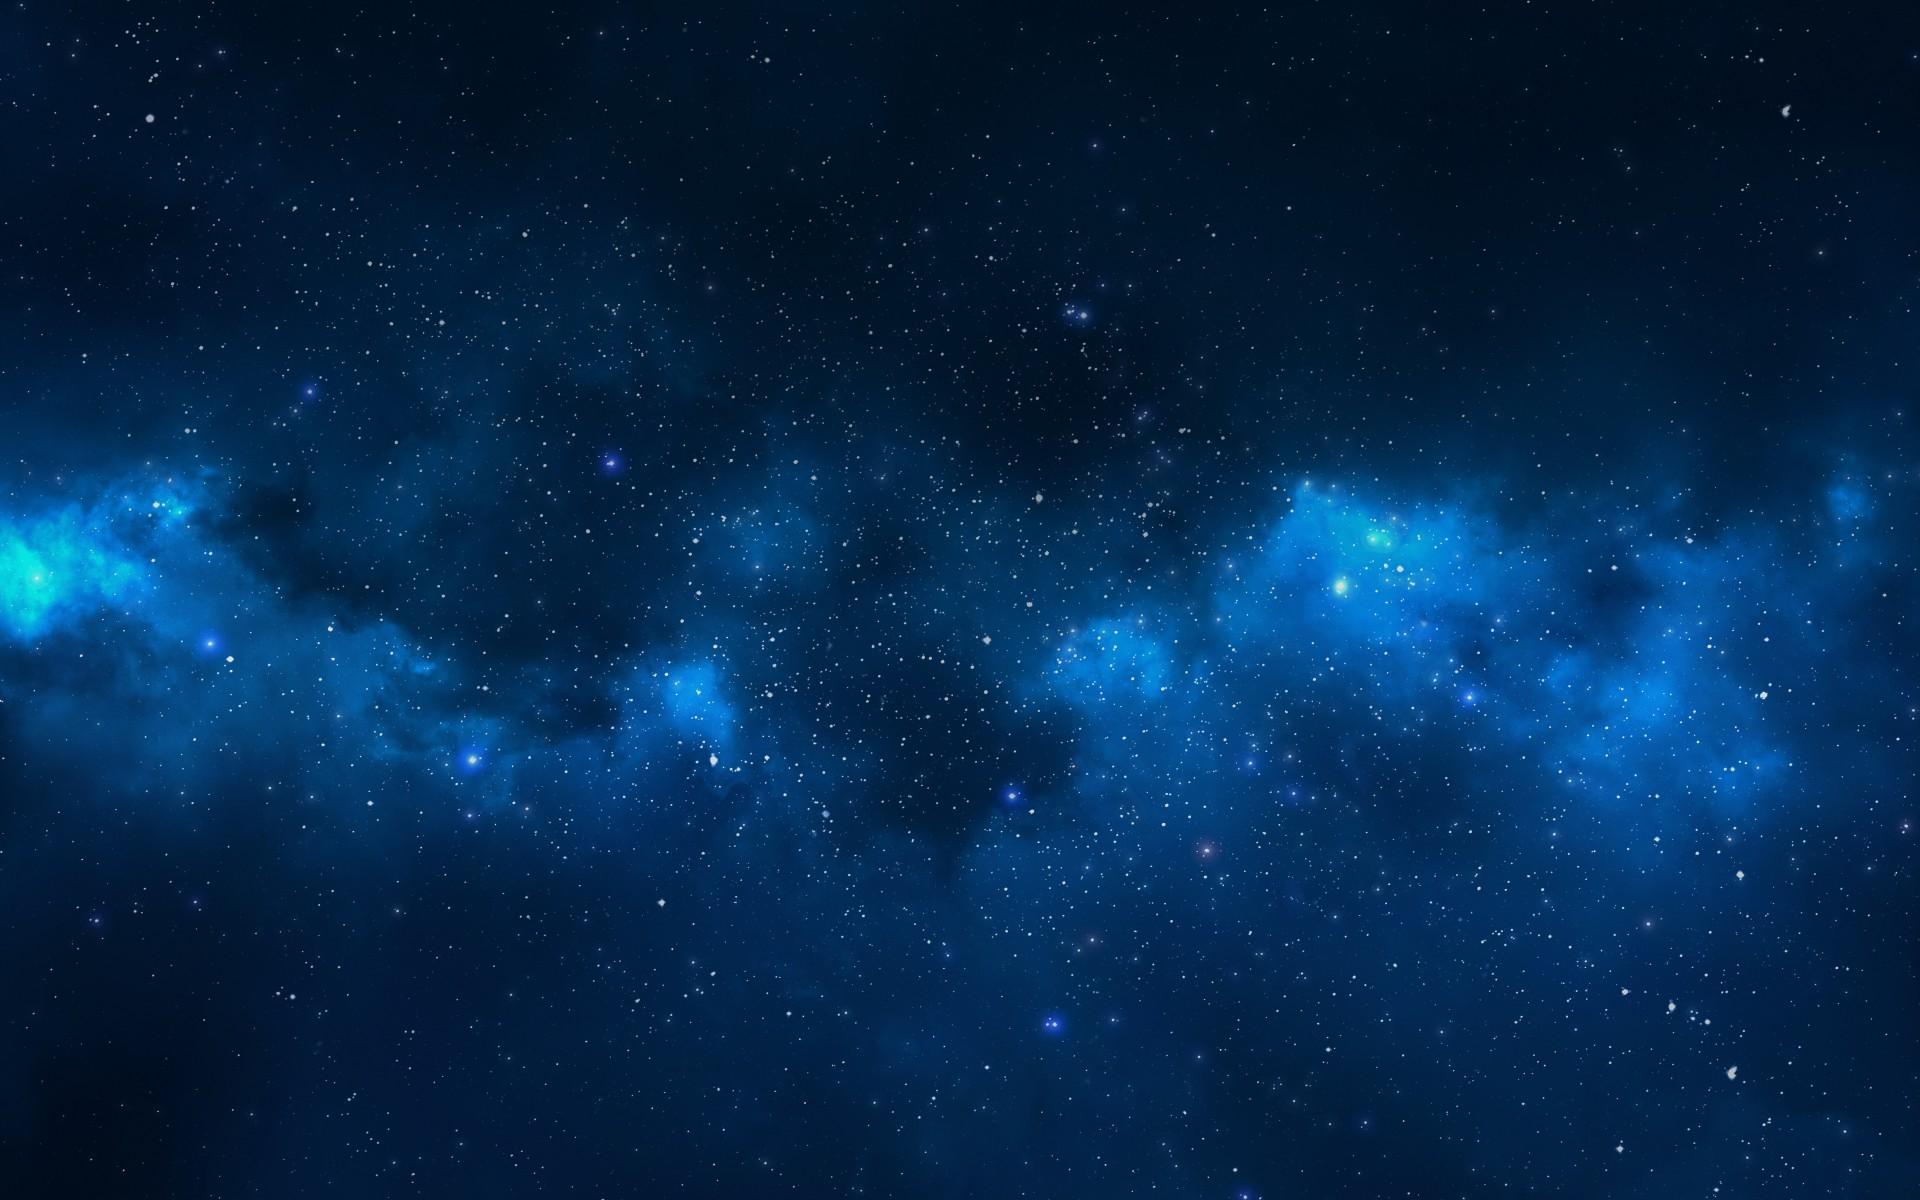 night-sky-hd-wallpaper.jpg